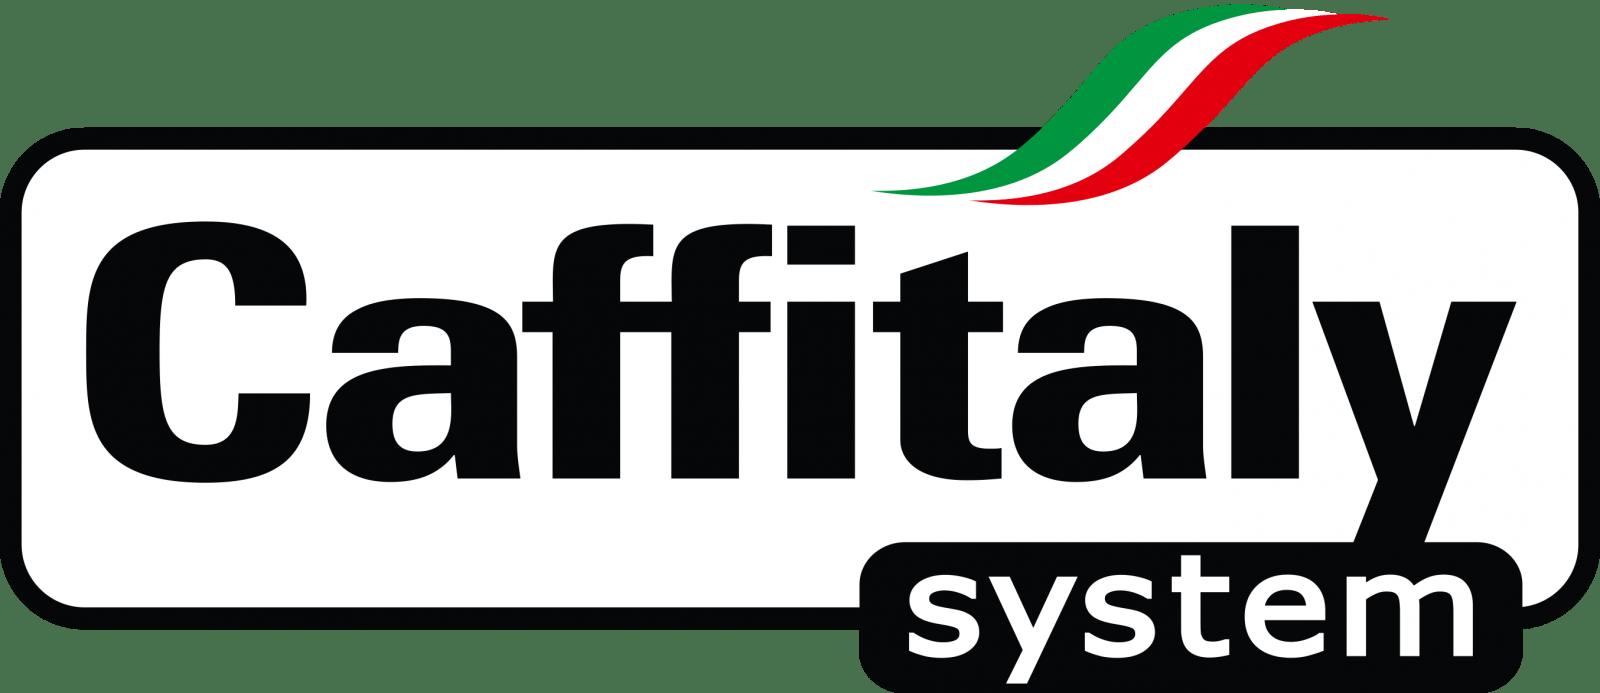 logo caffitaly